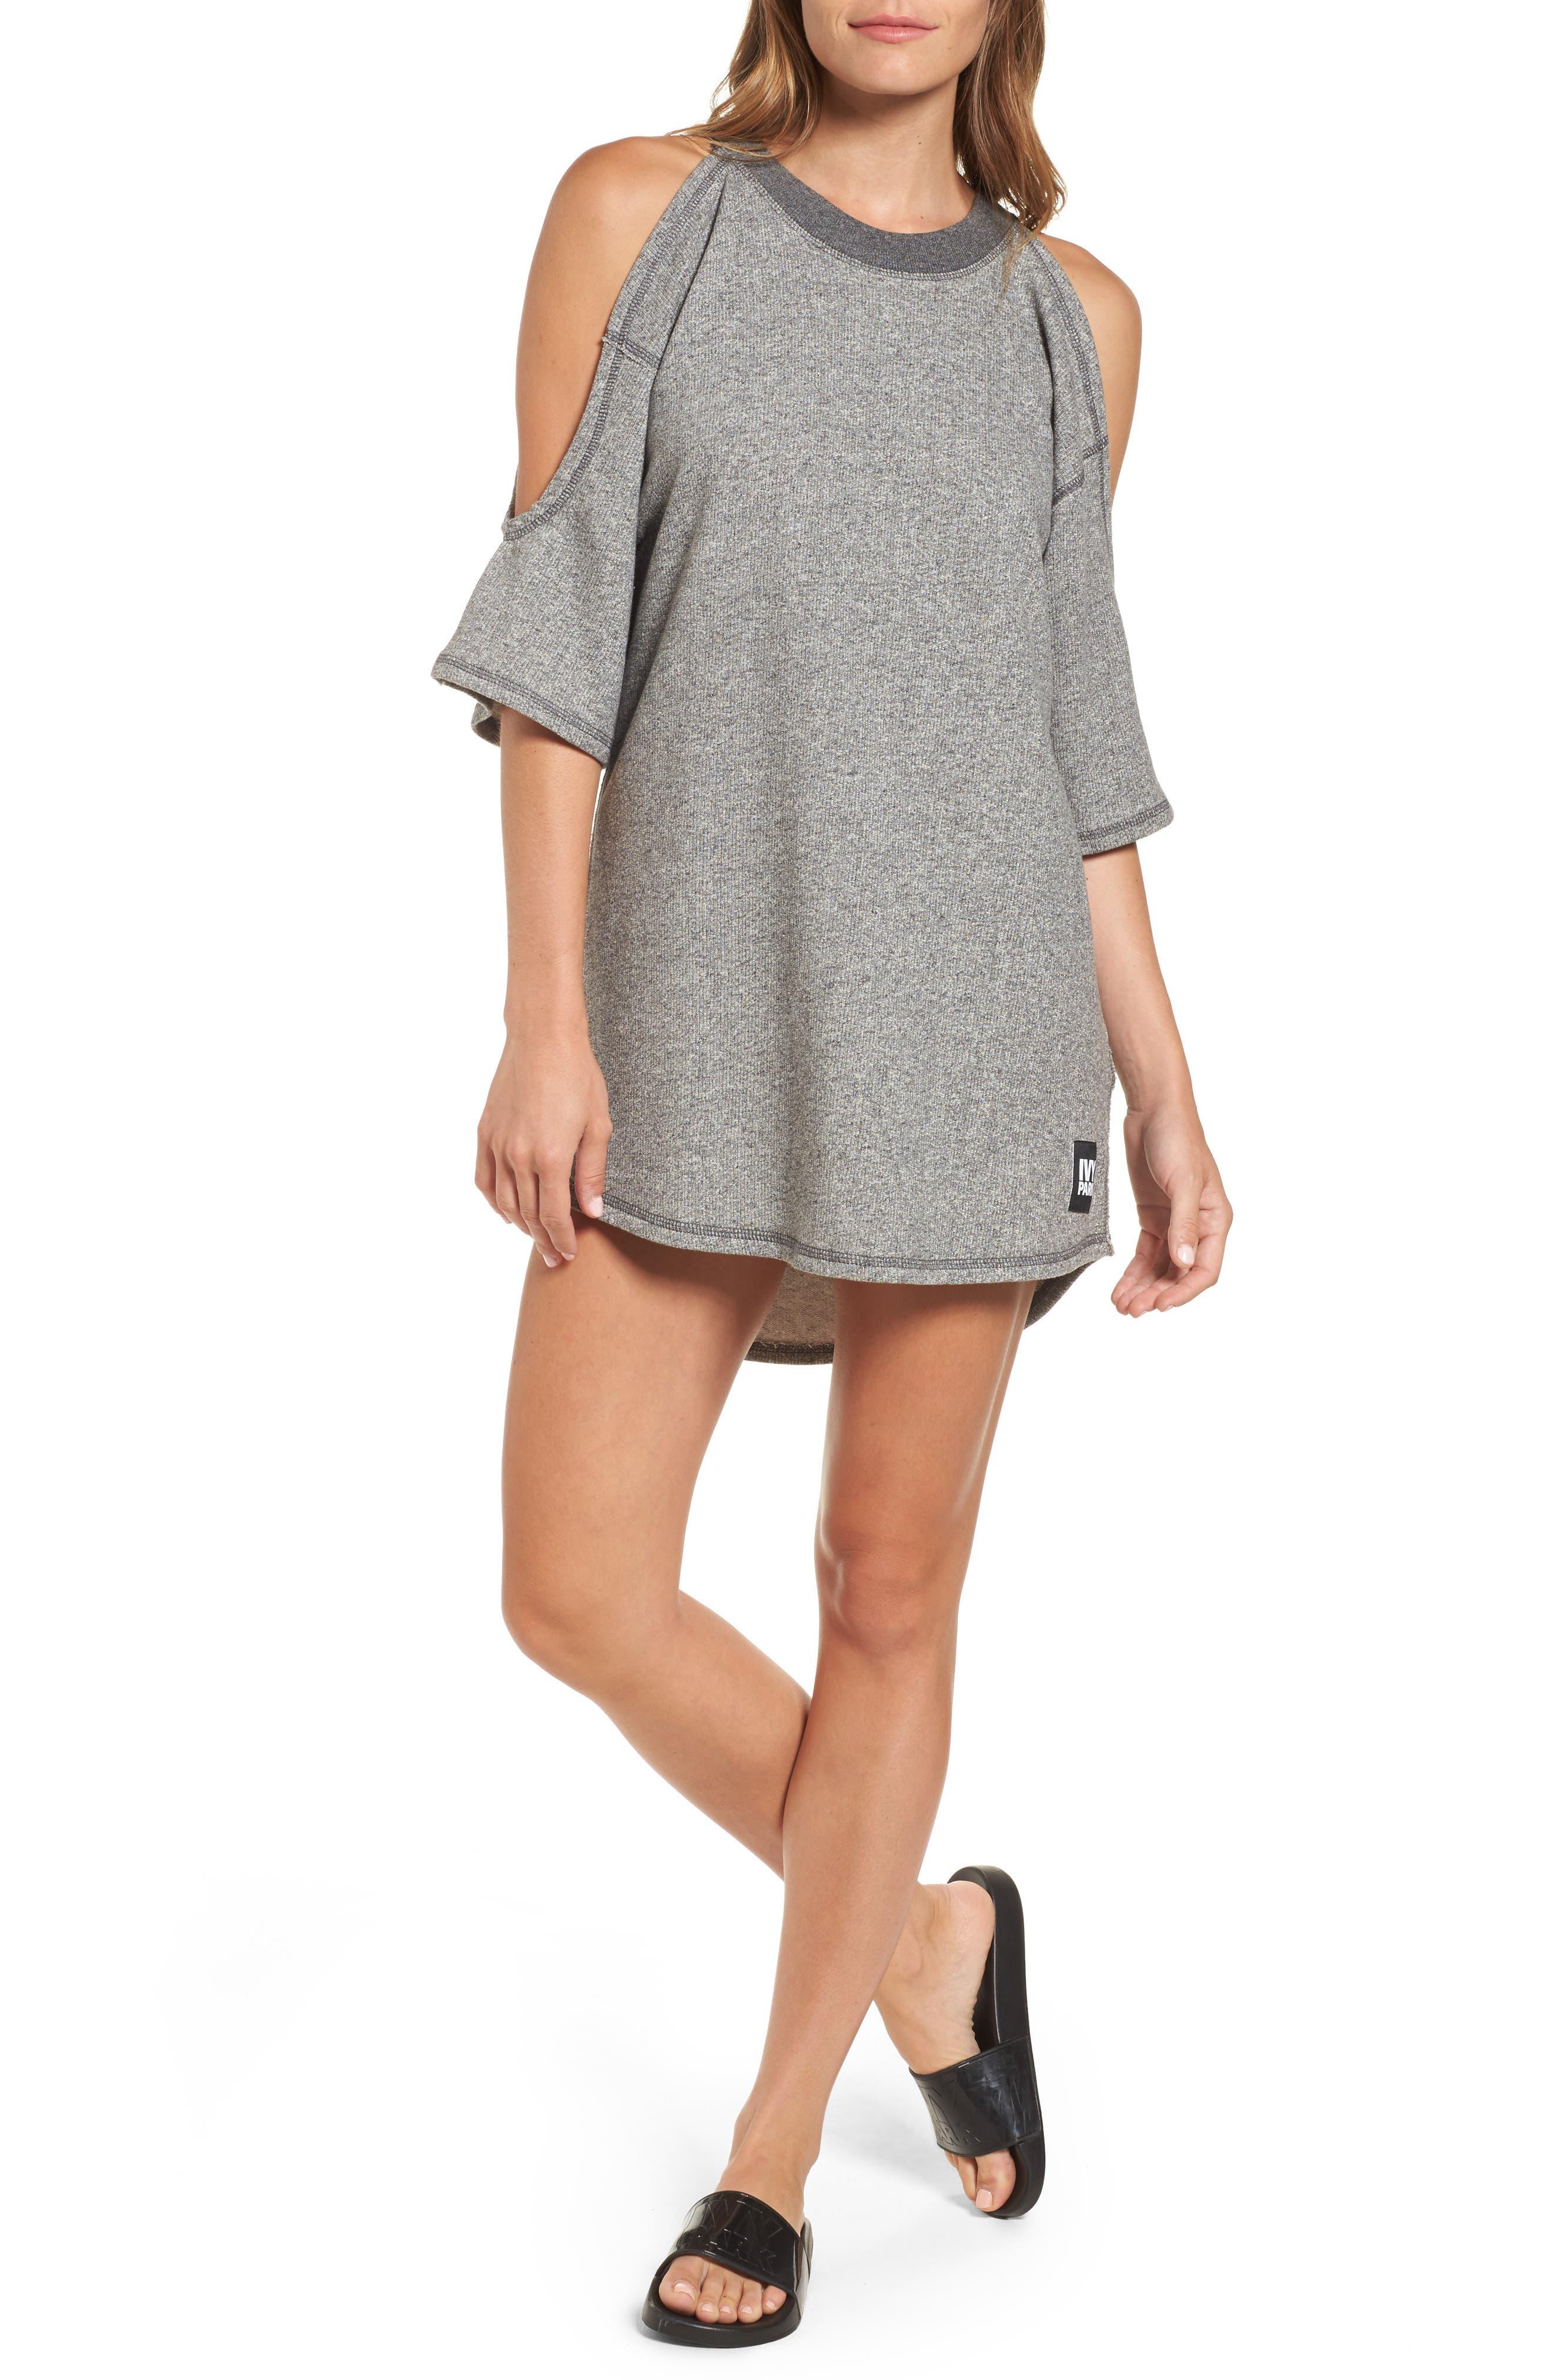 Main Image - IVY PARK® Cold Shoulder Sweatshirt Dress